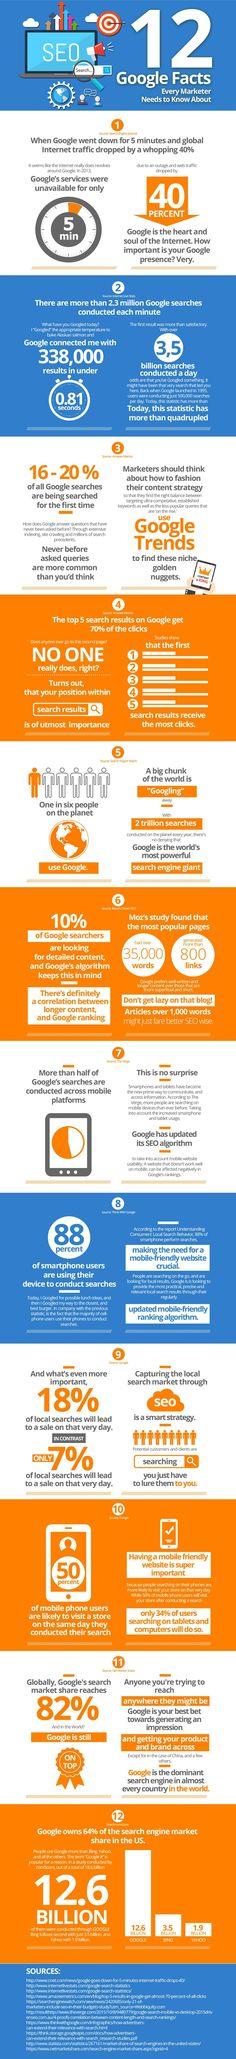 Aan bijna 90% van onze beslissingen gaat een online zoektocht vooraf. En 1 op de 6 mensen gebruikt Google als zoekmachine. Meer onmisbare feiten voo